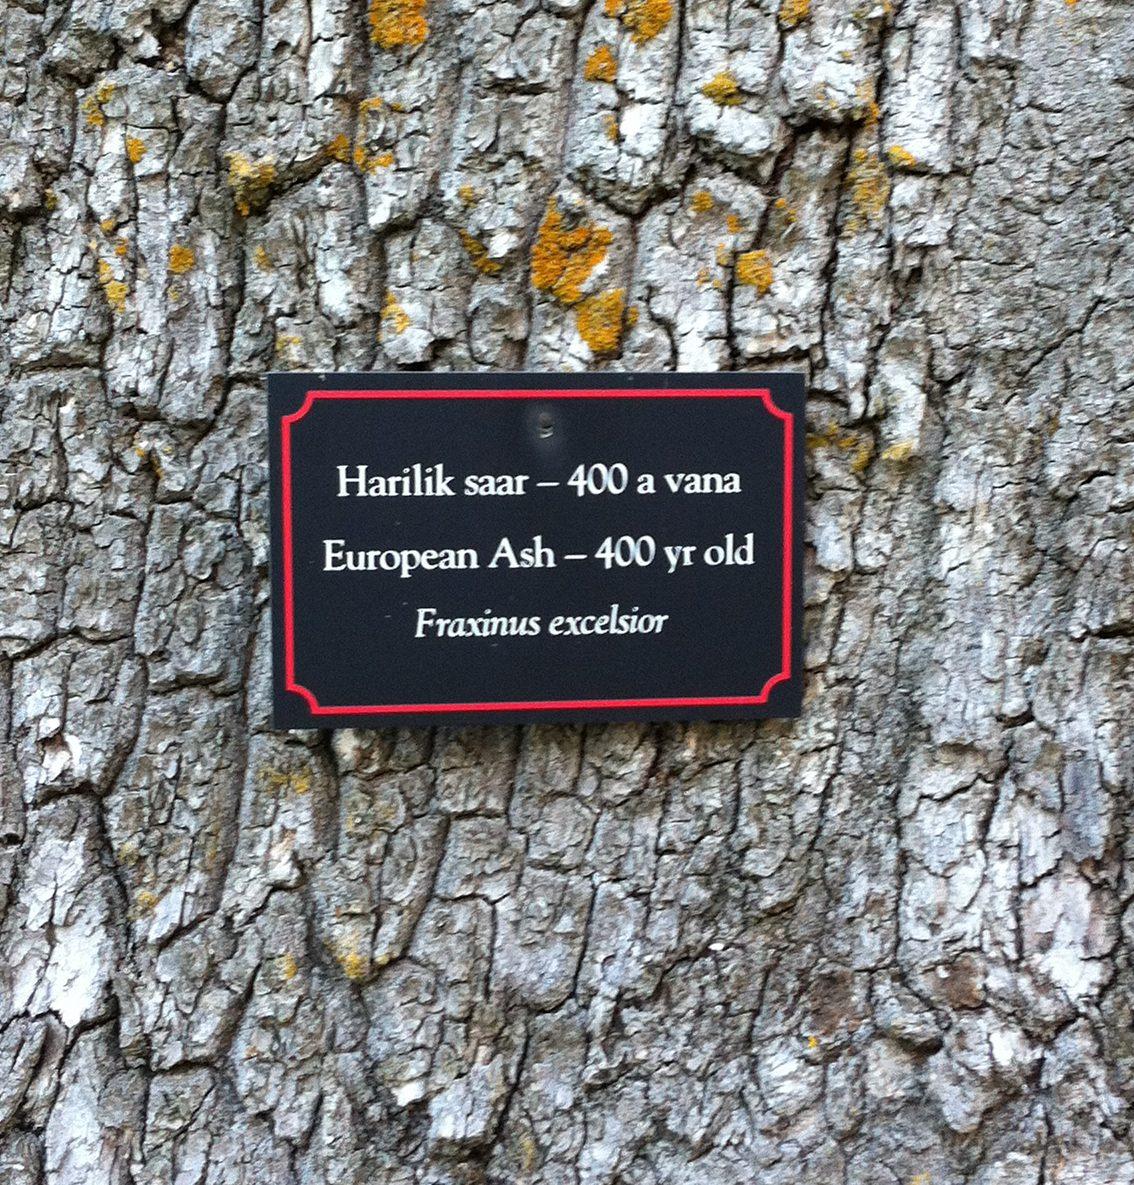 Die Gemeine Esche war 2001 Baum des Jahres